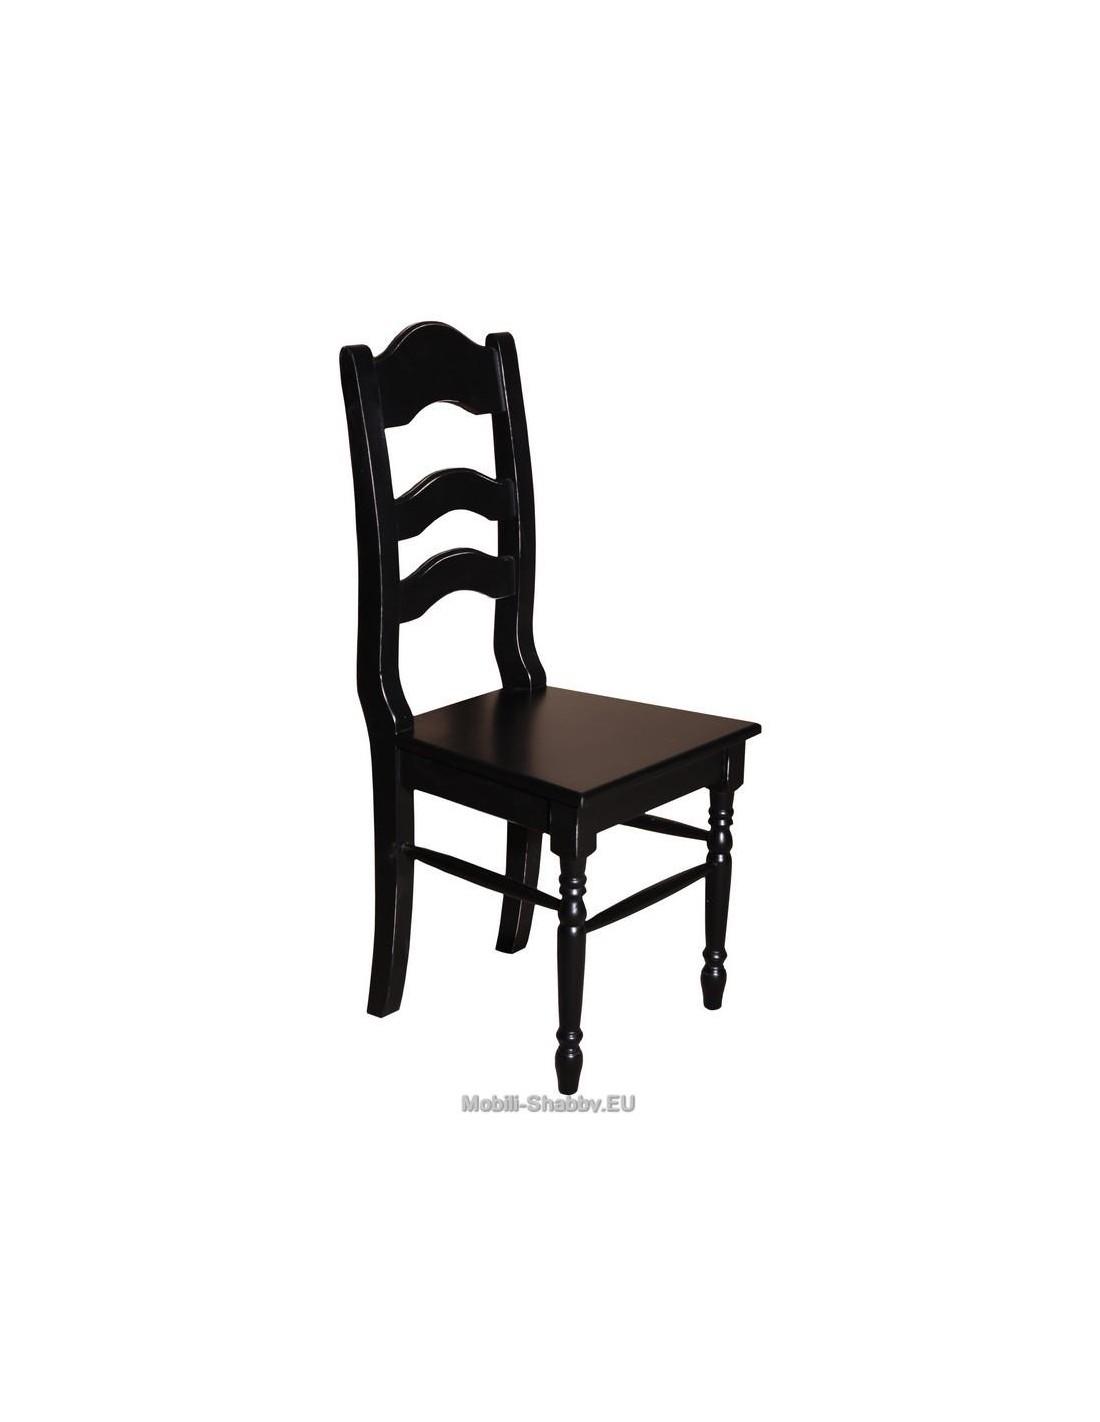 sedia in legno massello shabby chic MS203 - Mobili-Shabby.EU by Orissa